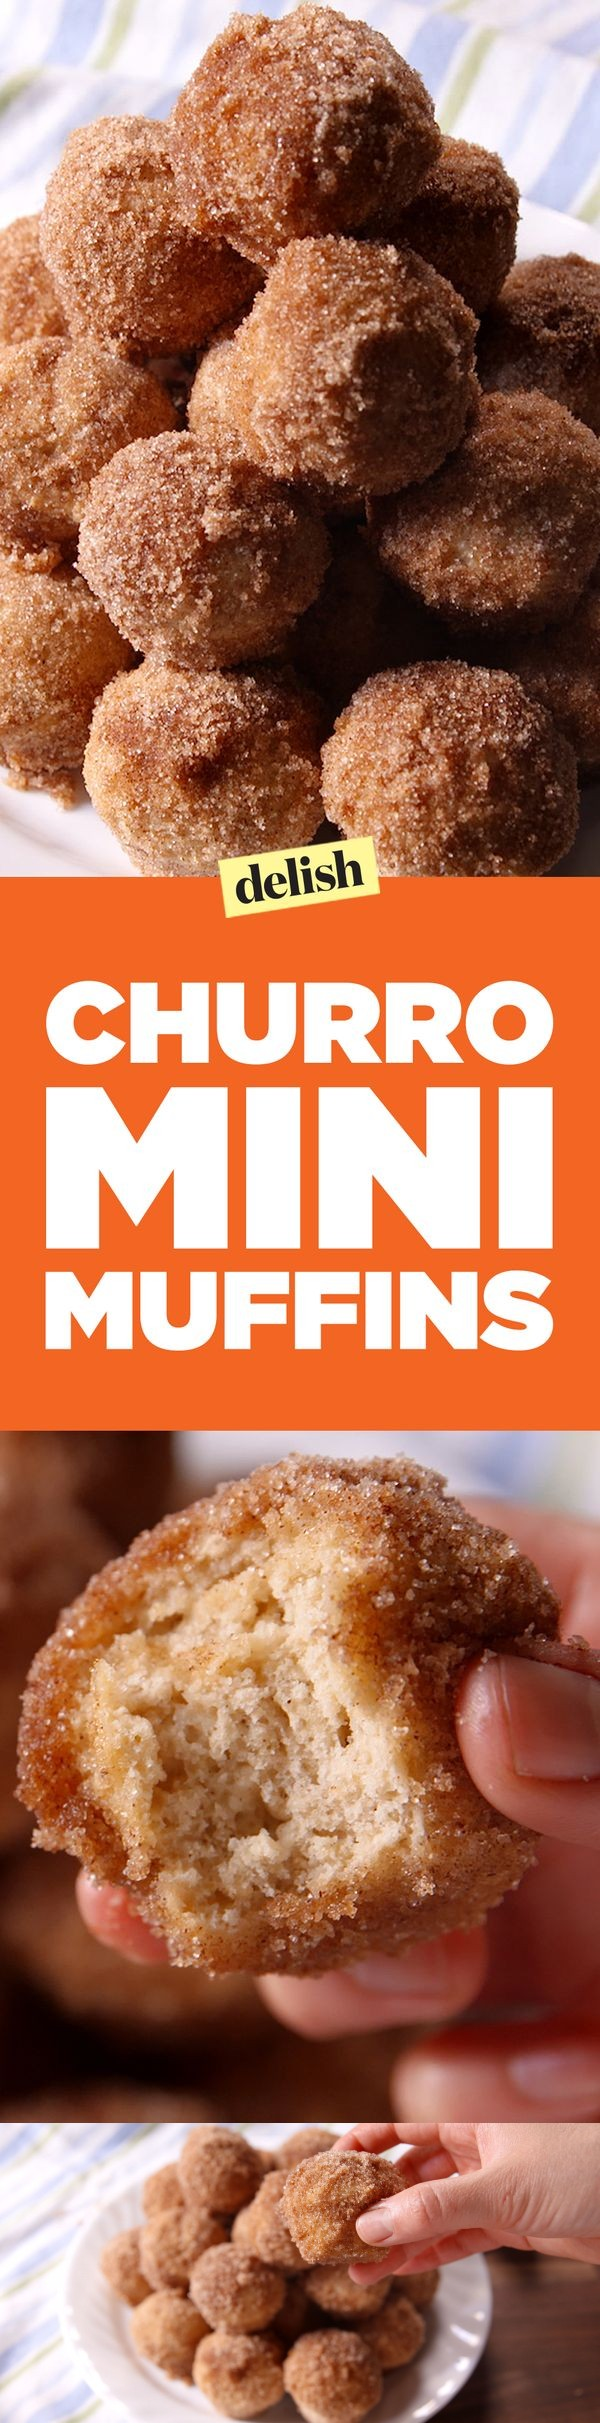 Churro Mini Muffins